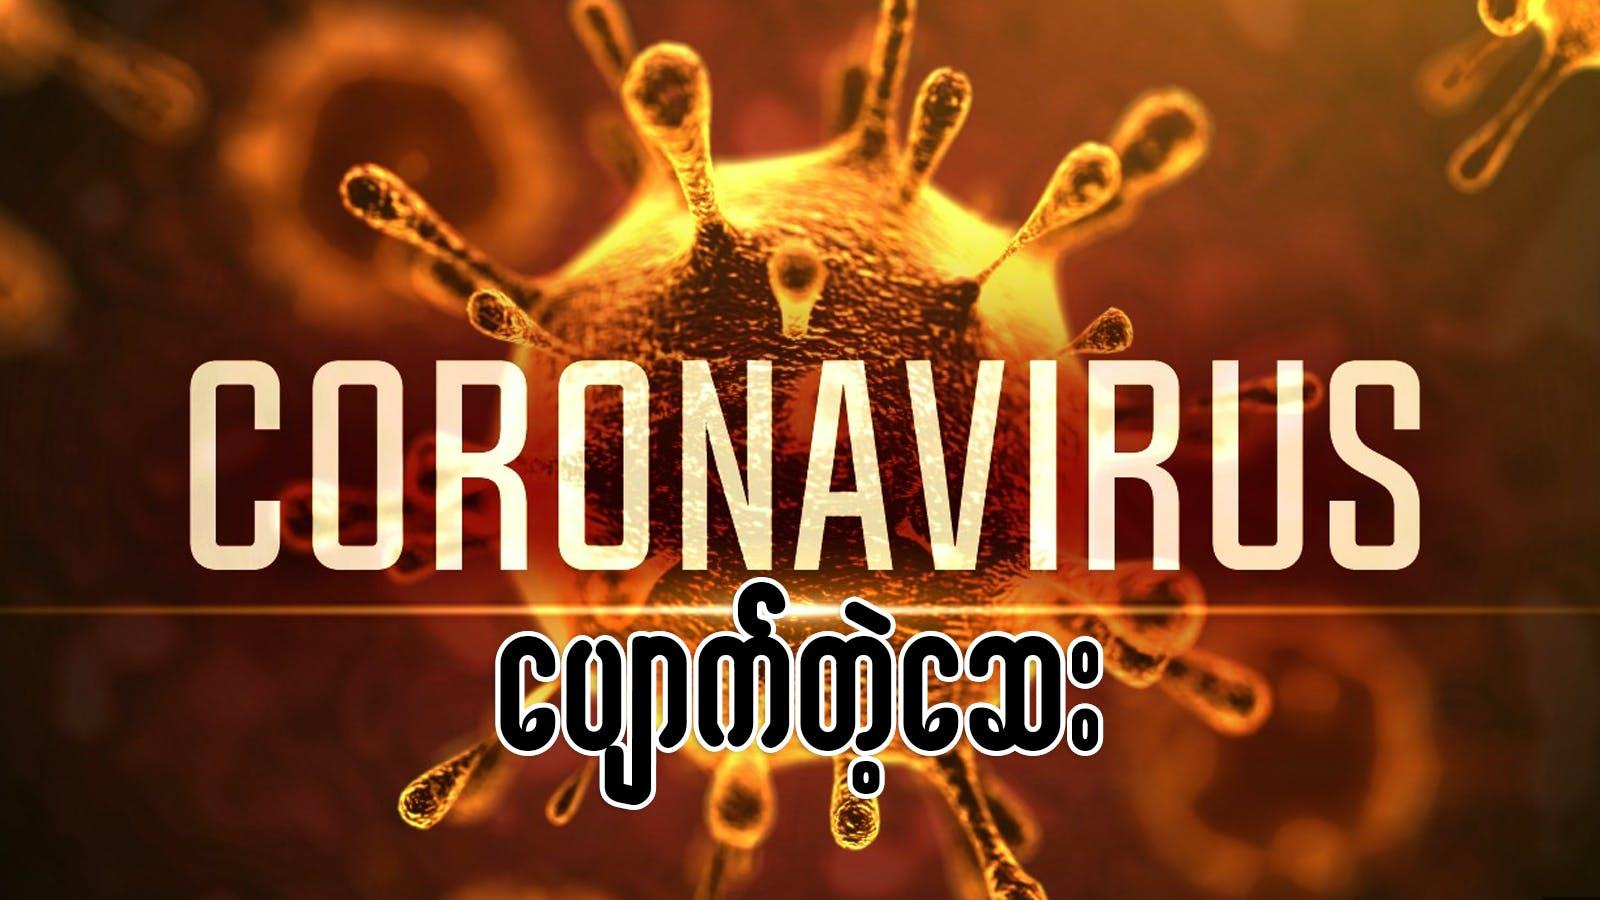 သင္သိပါသလား ၊ ကိုရိုနာ ကို ကာကြယ္ရင္း ေခ်ာေနလို႔ ရတယ္ဆိုတာ